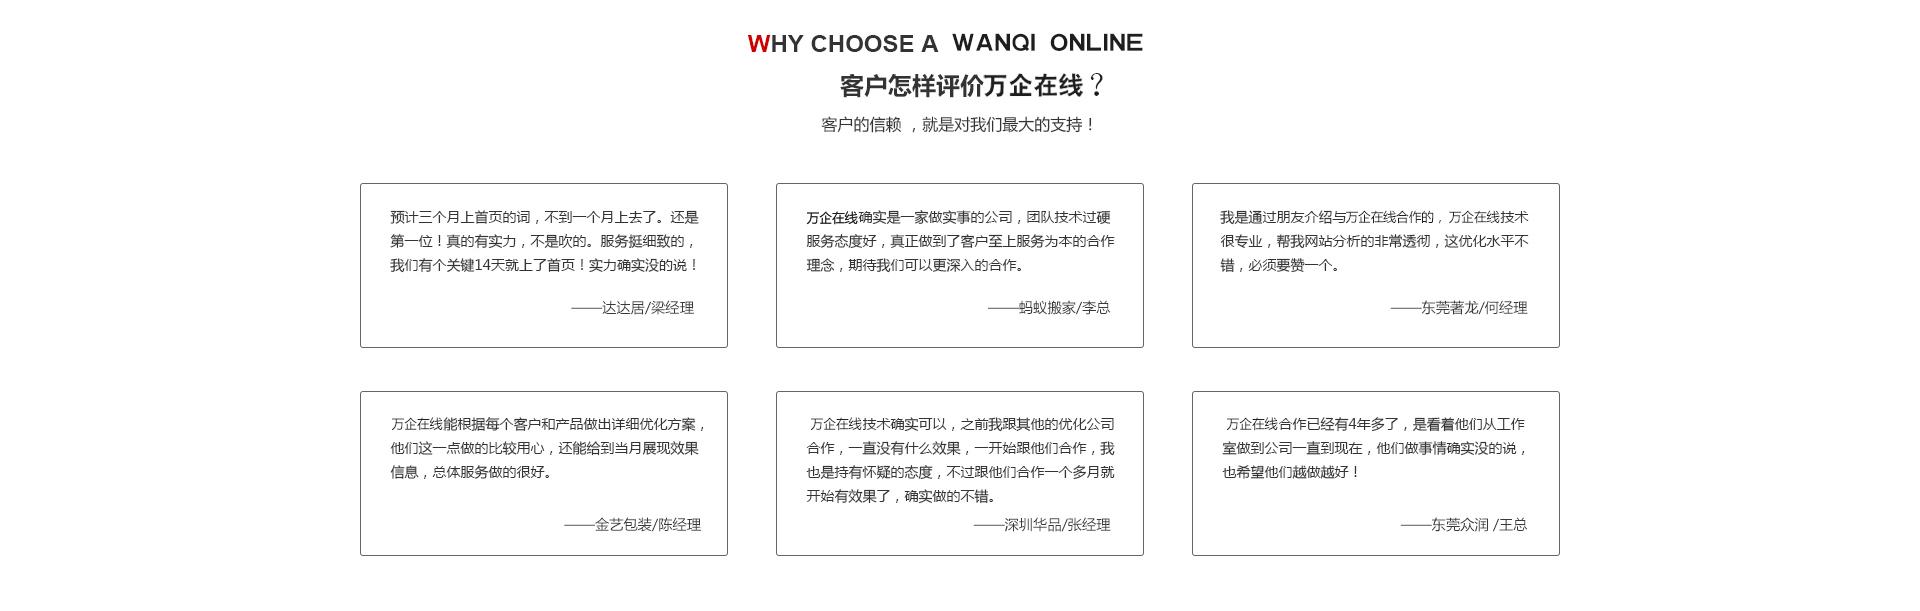 关于网络推广万企在线获得用户高度认可和支持